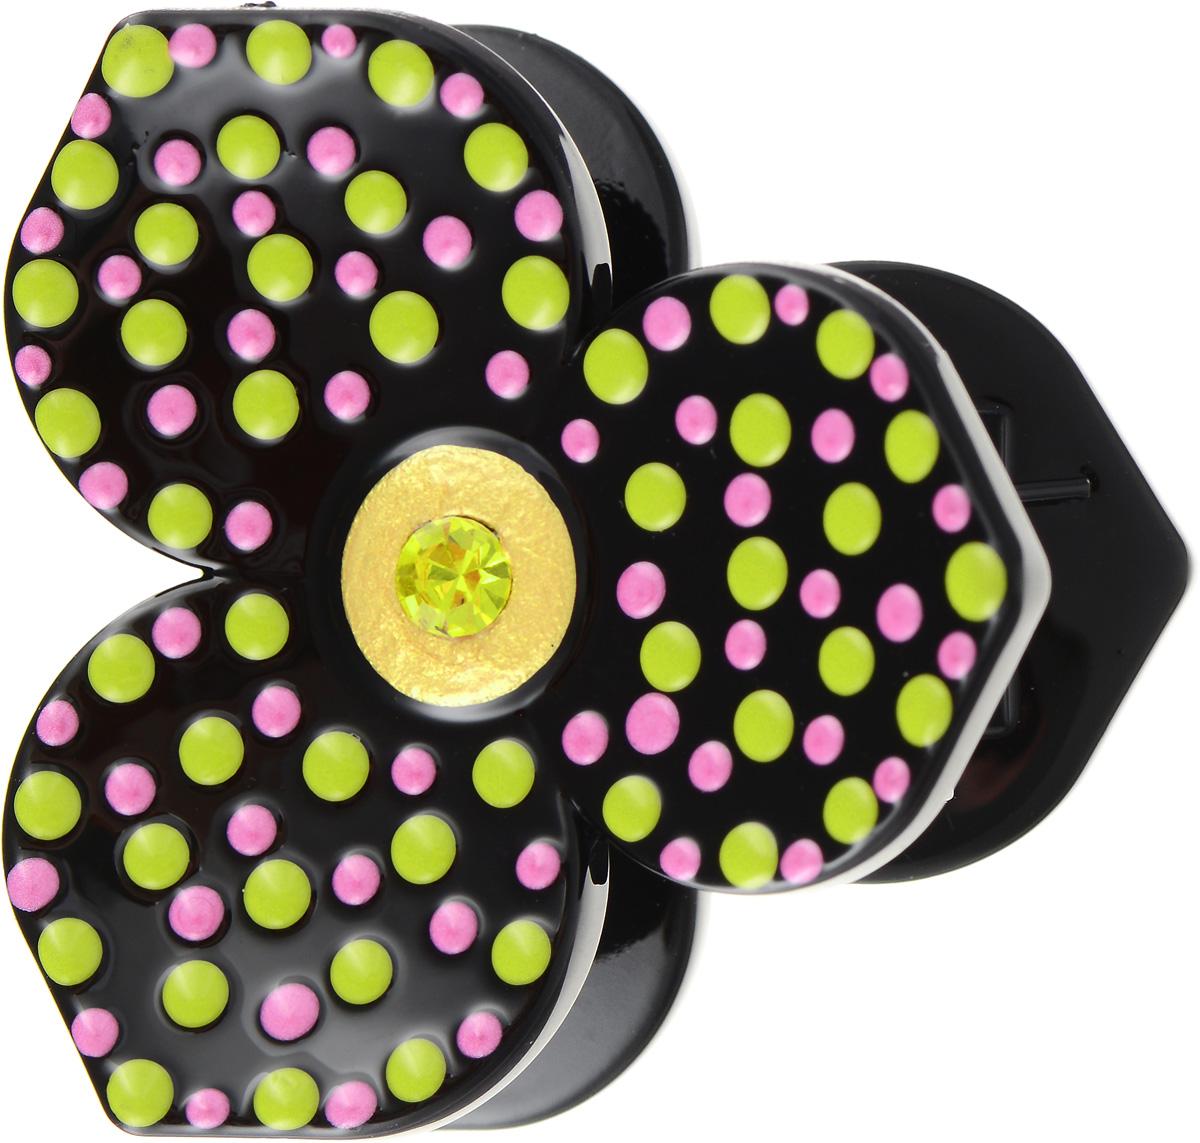 Заколка-краб Selena, цвет: желтый, черный. 7006417370064173Утонченная заколка-краб для волос Selena станет изюминкой вашего образа. Изделие изготовлено из пластика в виде цветка и декорировано вставками кристаллов Preciosa, а также ручной росписью эмалью. Аксессуары SELENA дарят женщине ощущение уникальности и привлекательности, помогая ей создать завершенный и неповторимый образ для любого случая жизни, а бижутерия этой коллекции служит приятным дополнением к любому стилю одежды.